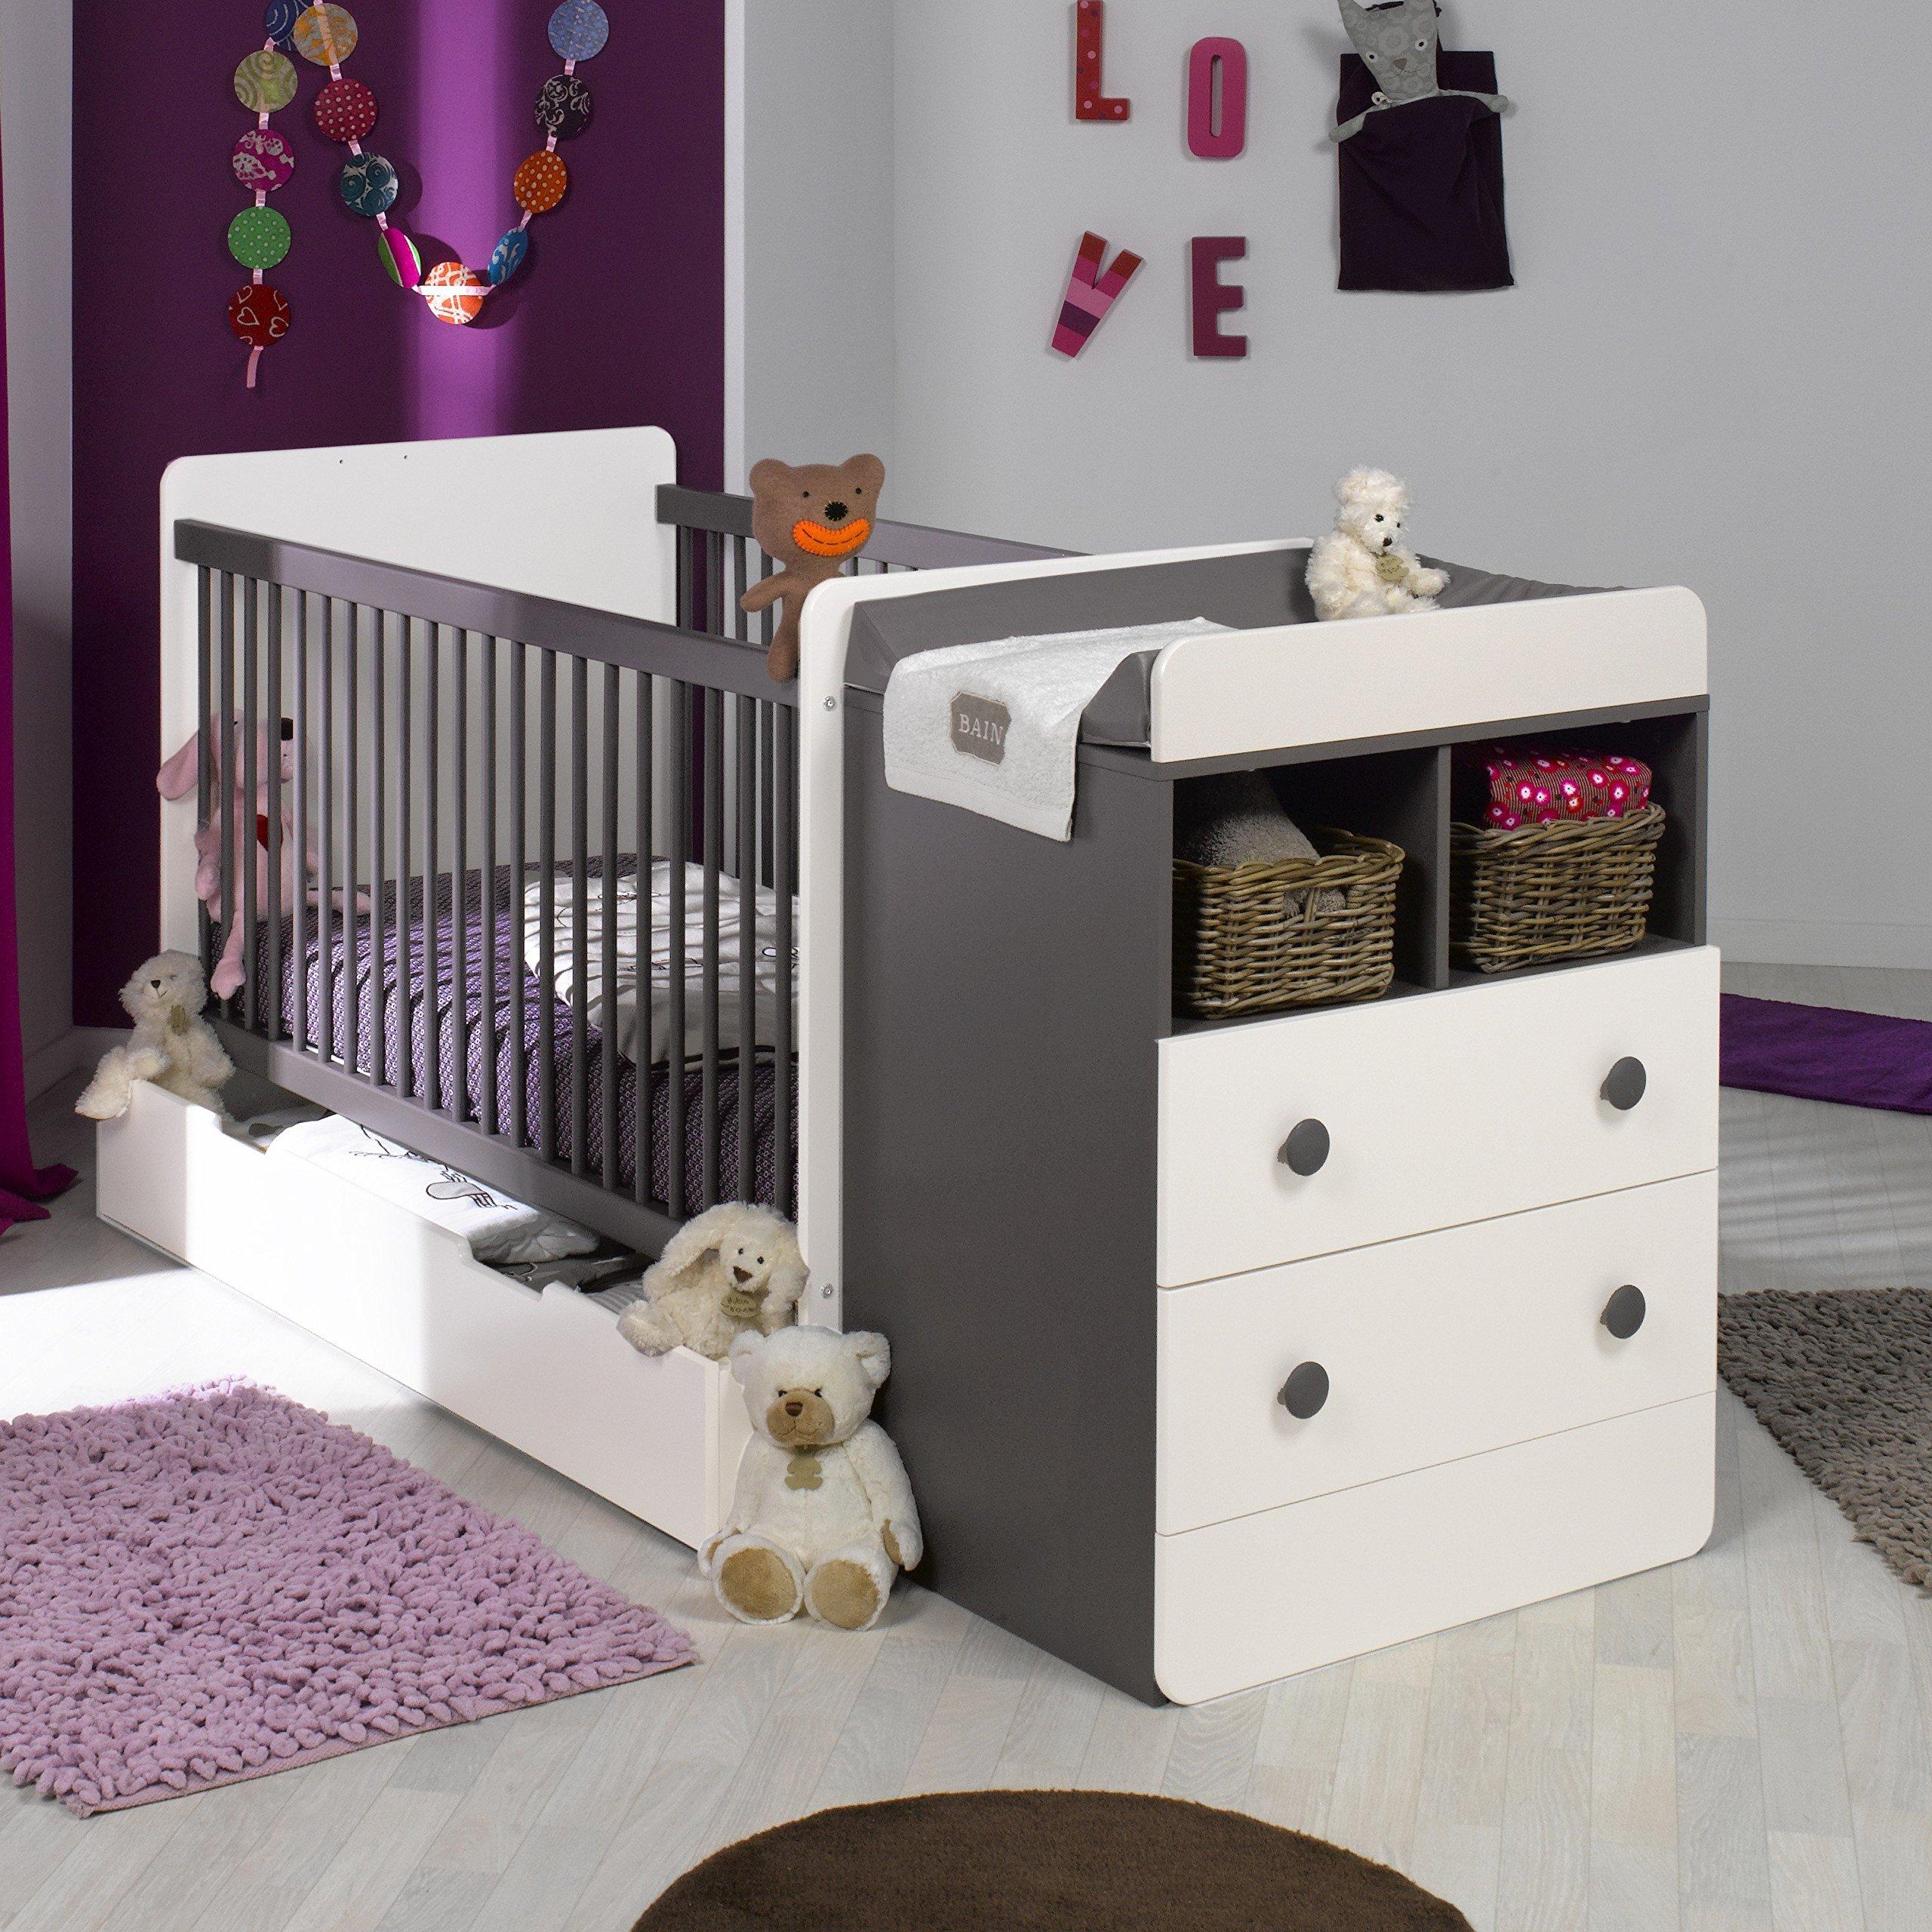 детская кровать с пеленальным столиком варианты